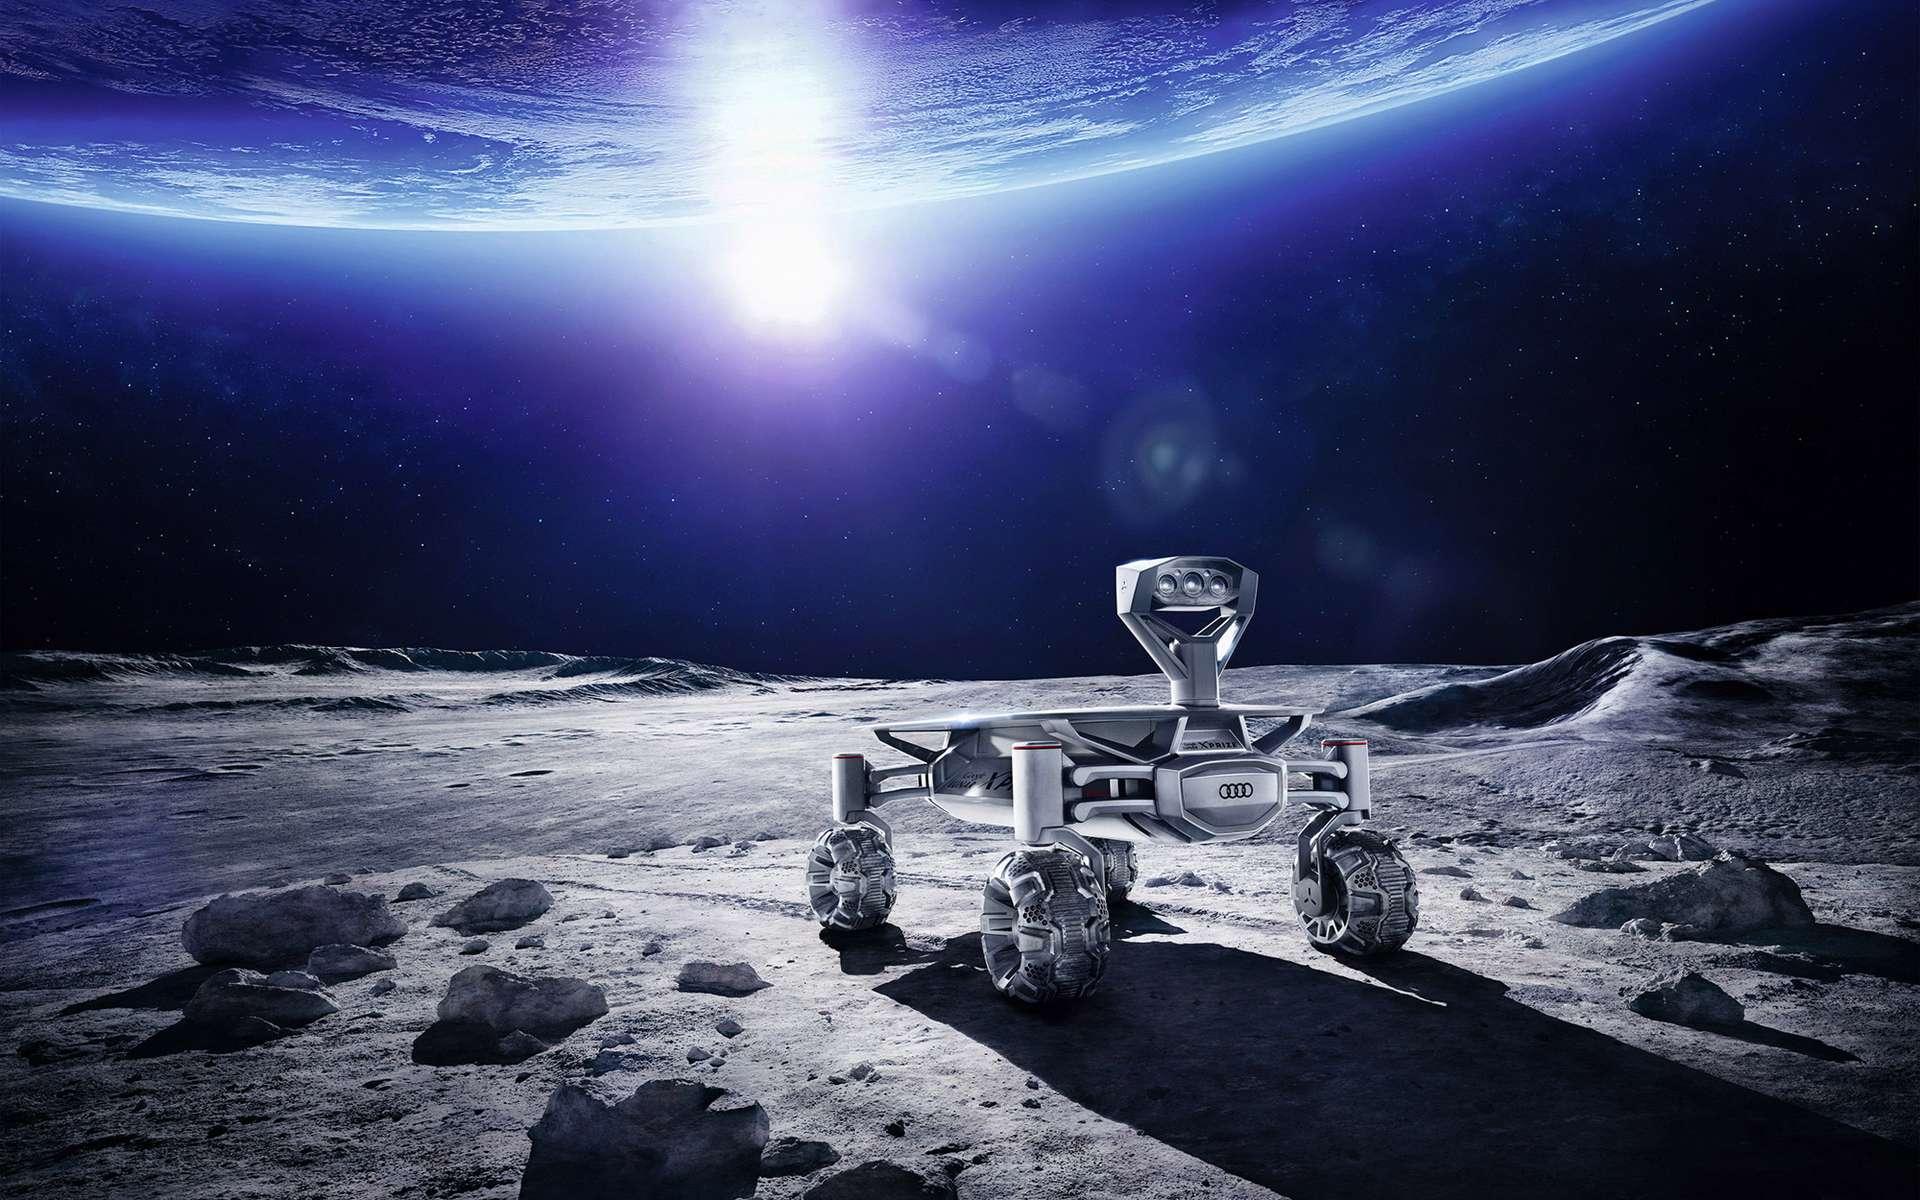 Le lancement de l'Audi Lunar Quattro est prévu d'ici la fin de l'année au moyen d'un lanceur de SpaceX ou de l'Agence spatiale indienne. © Audi, Part-Time-Scientists